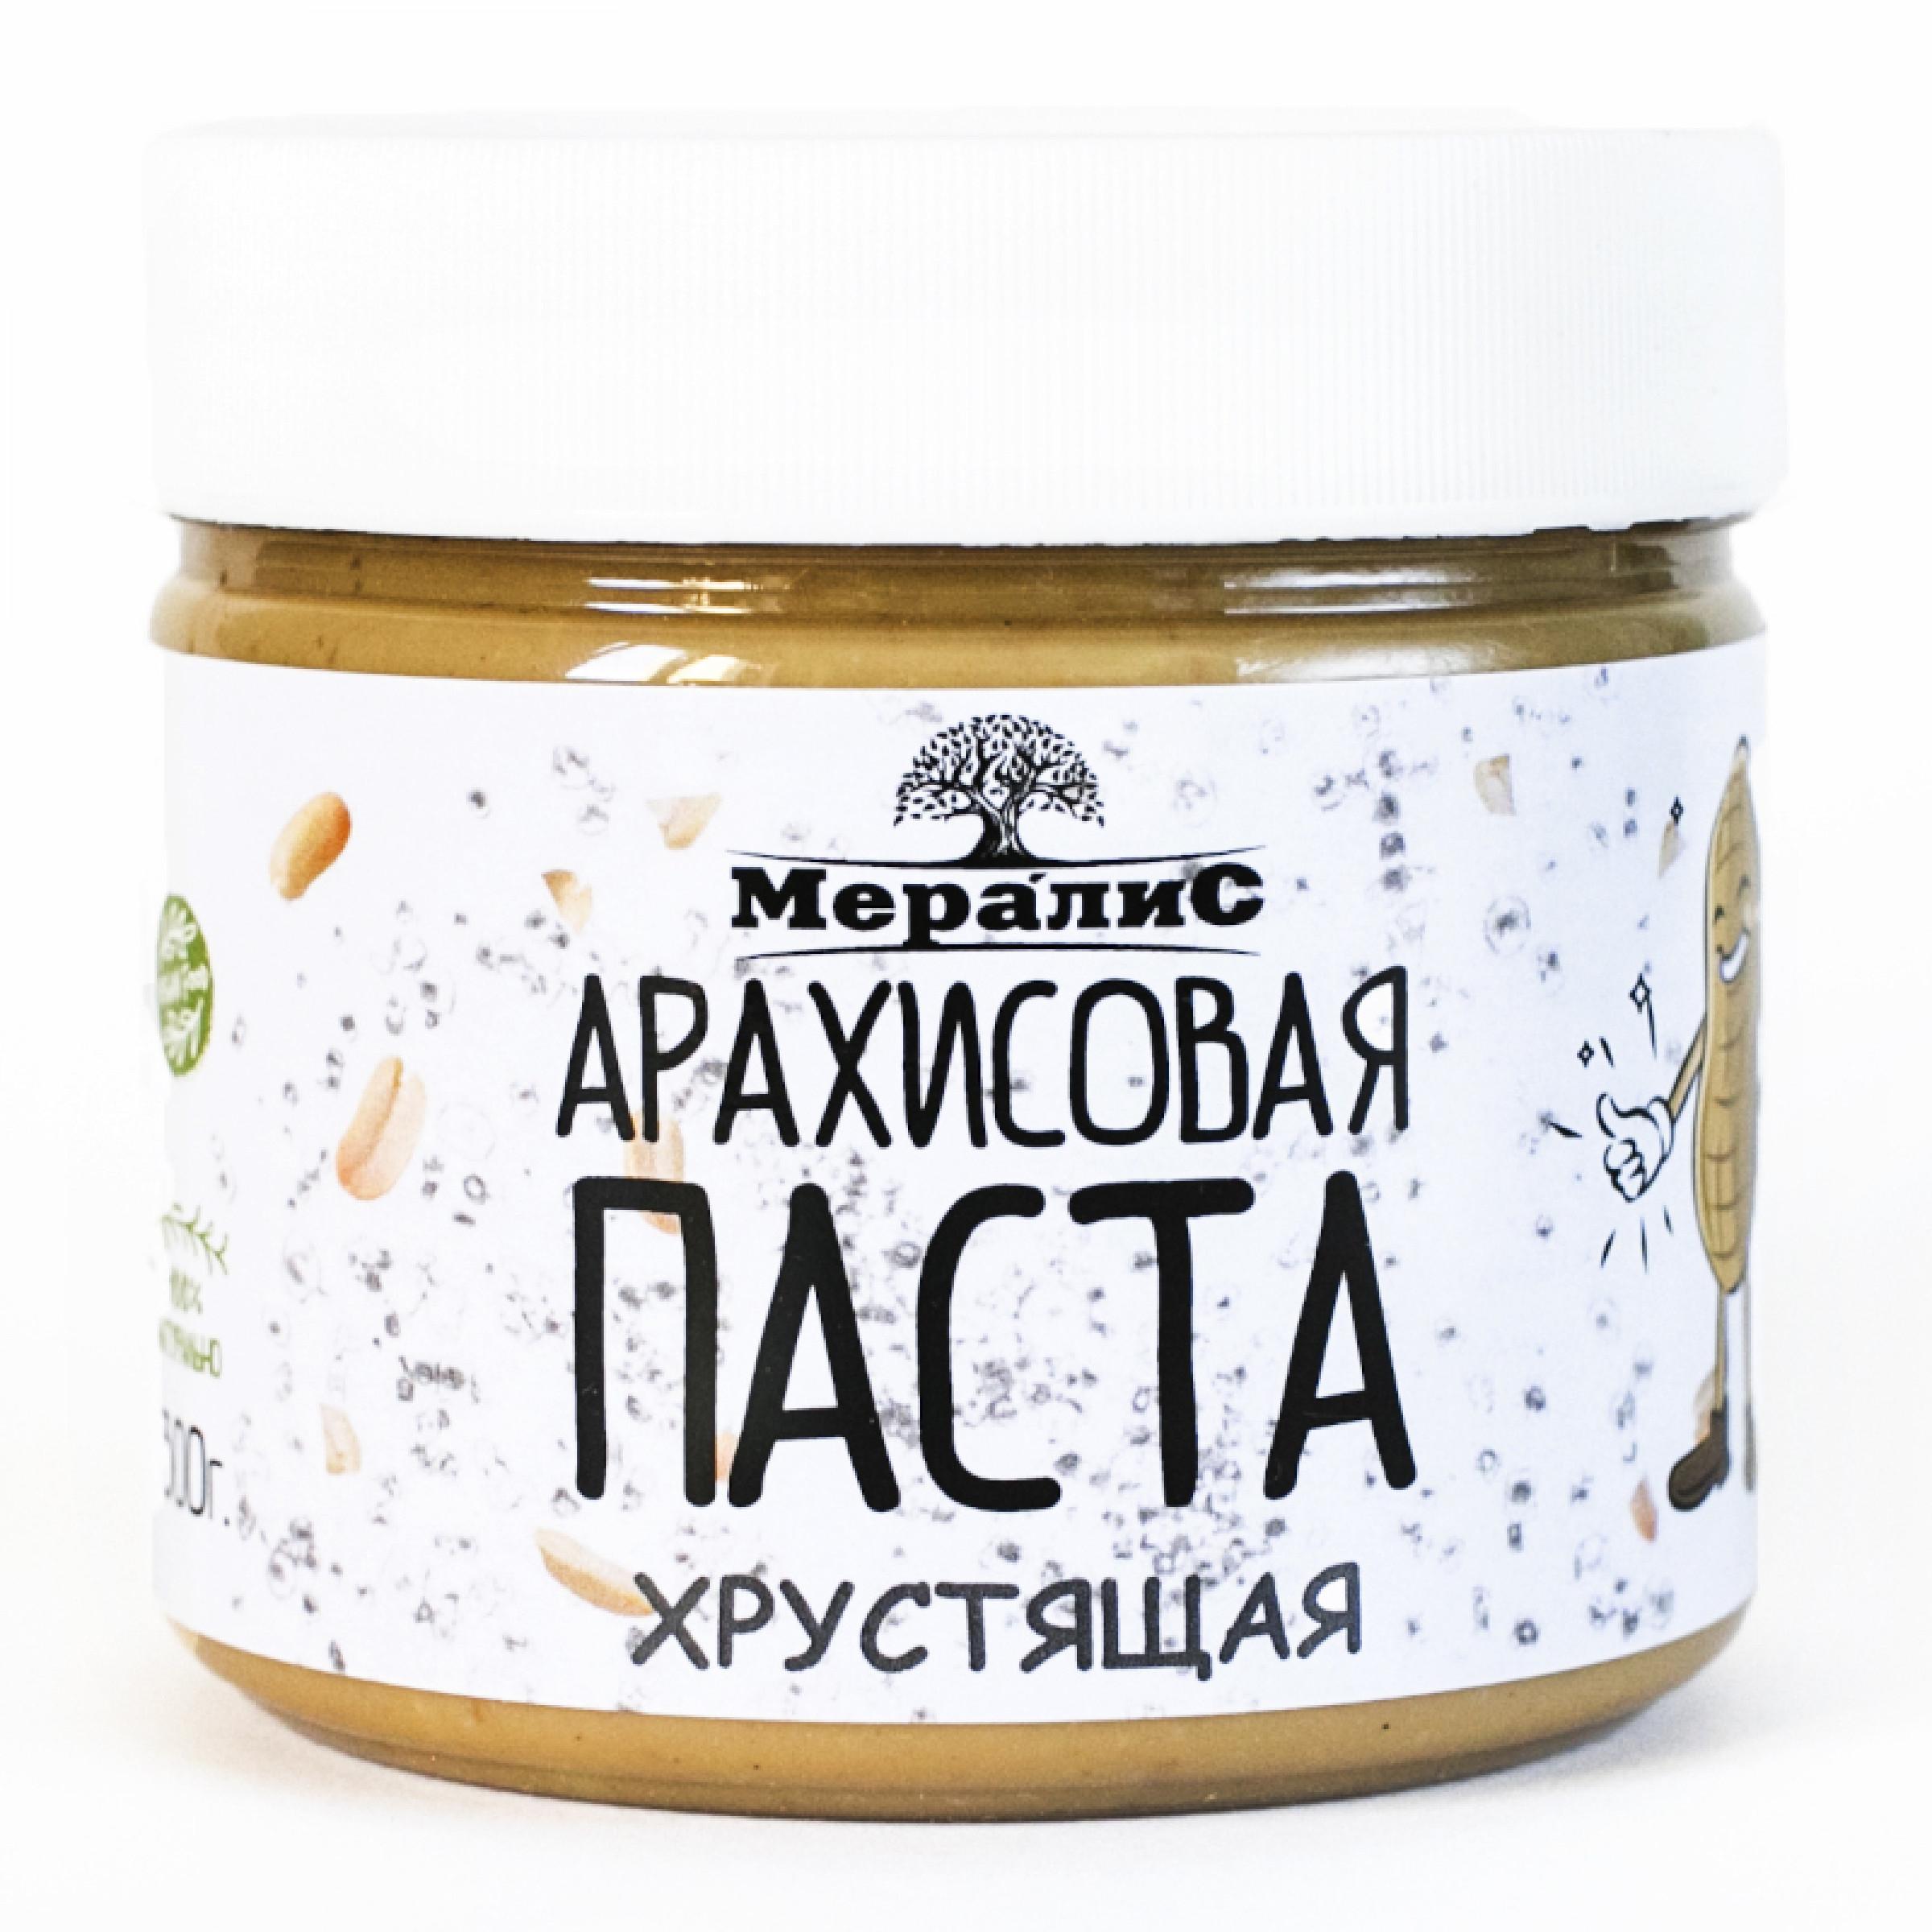 """Арахисовая паста """"Мералис"""" Хрустящая, 300 г"""